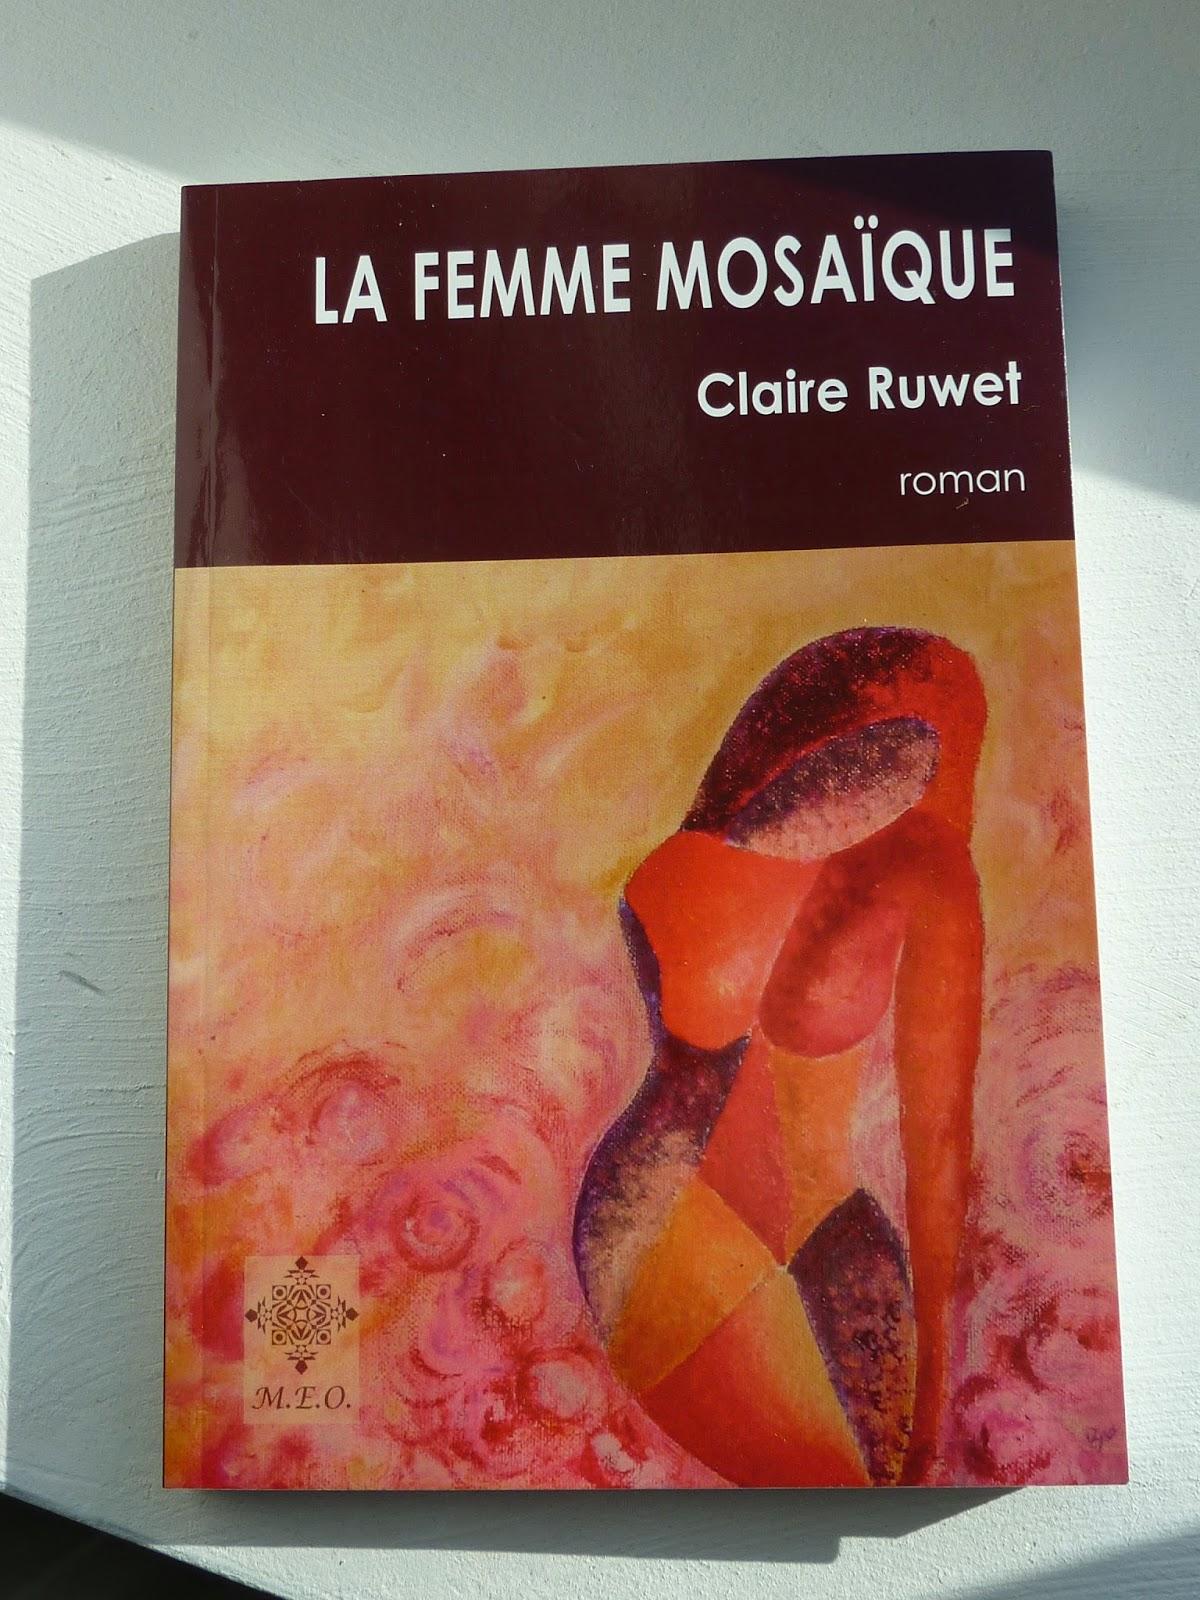 La femme mosaïque - Claire Ruwet